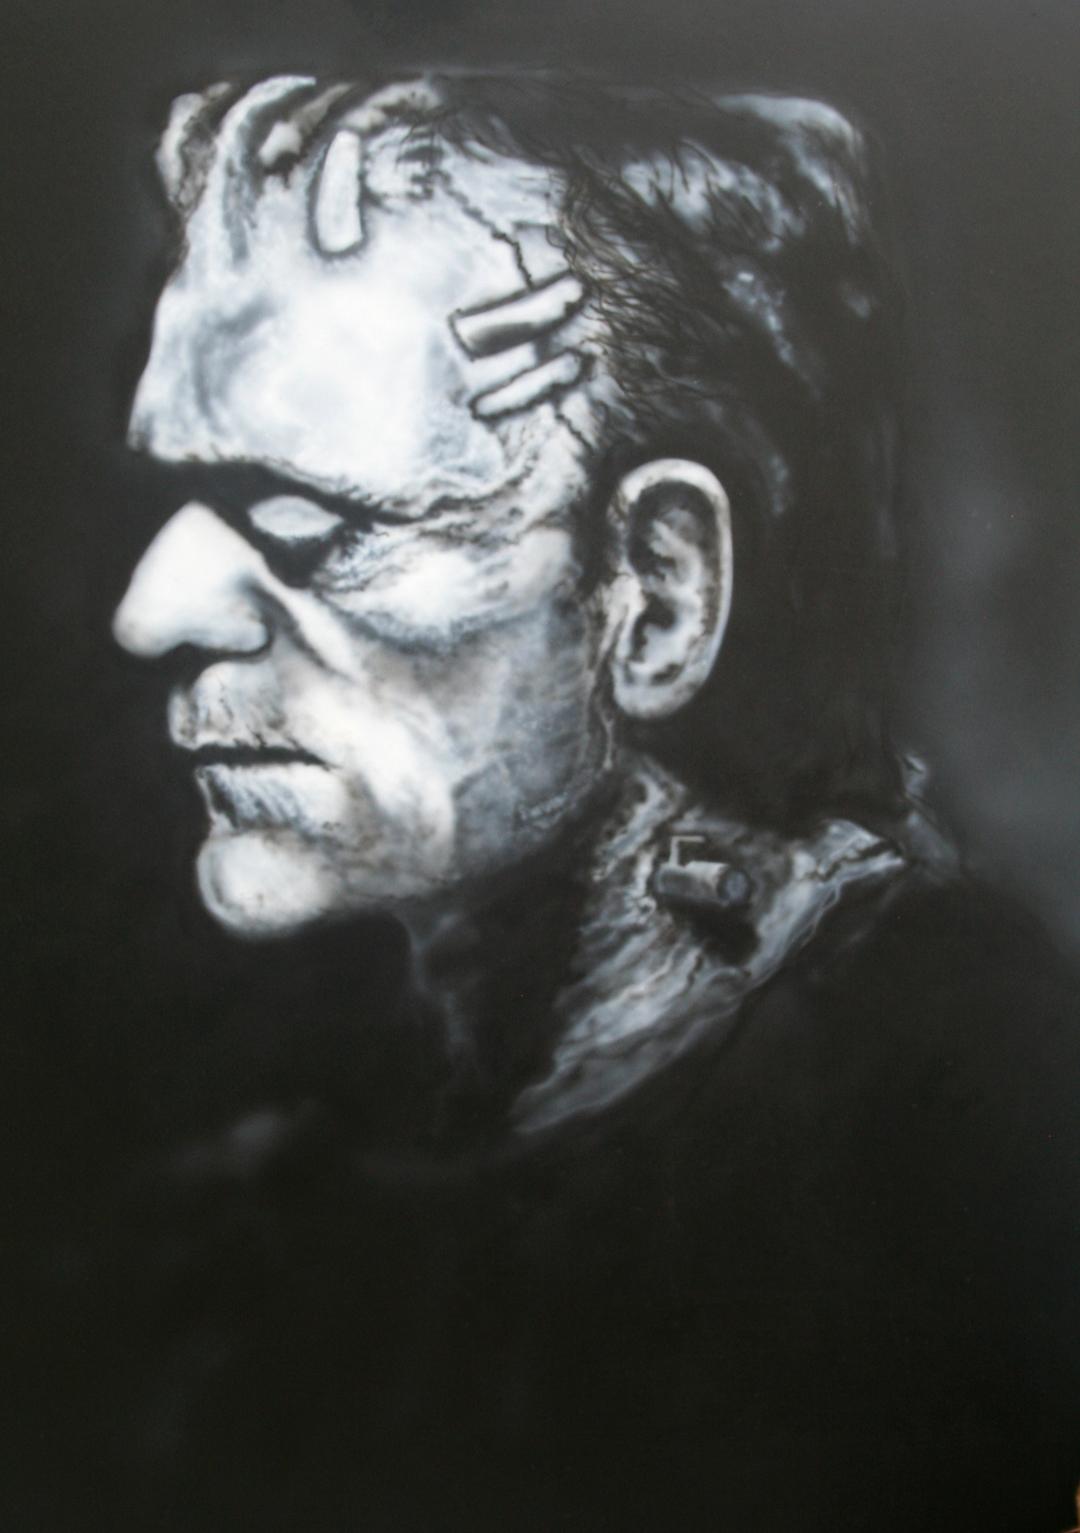 Frankenstein Portrait by Ronnie Deevers